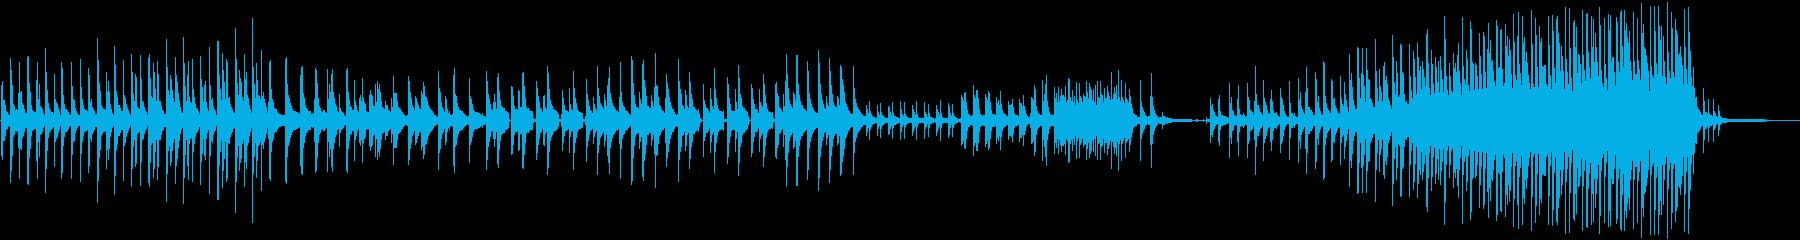 静かに始まり壮大になるピアノ曲の再生済みの波形